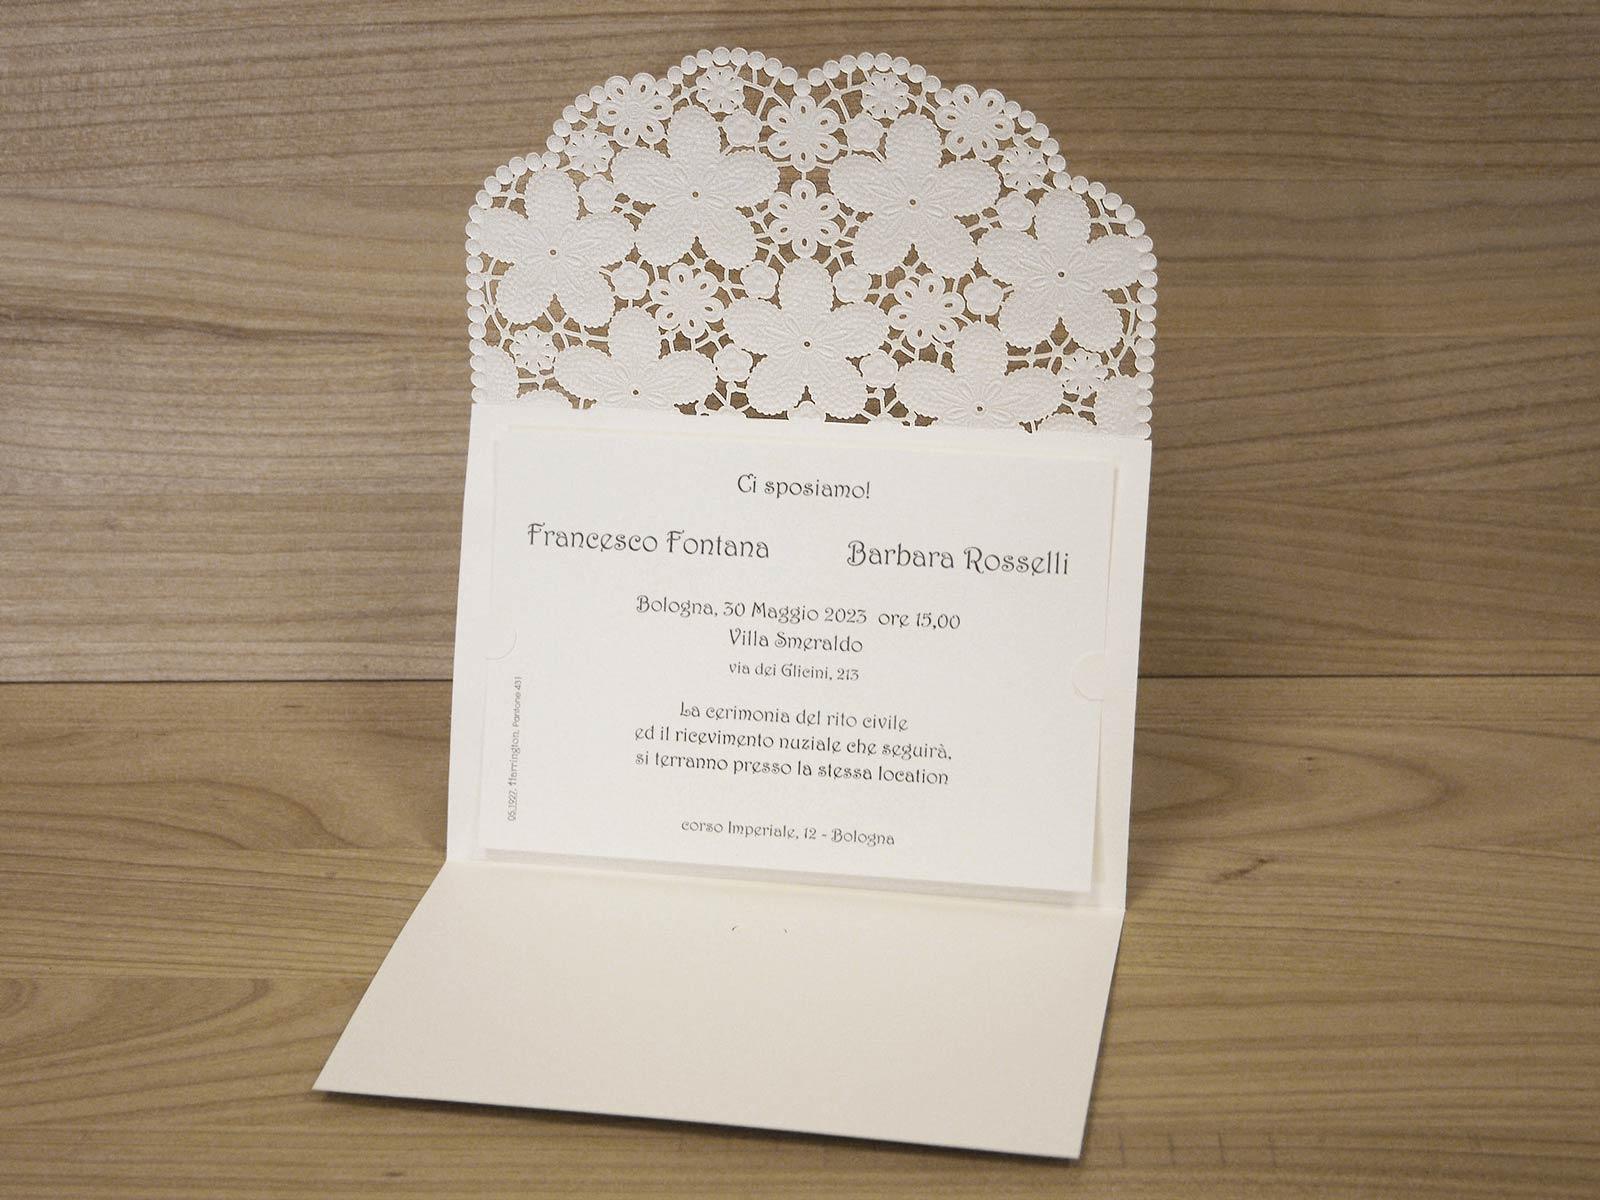 Le Più Belle Partecipazioni Matrimonio Eleganti Campione Gratuito